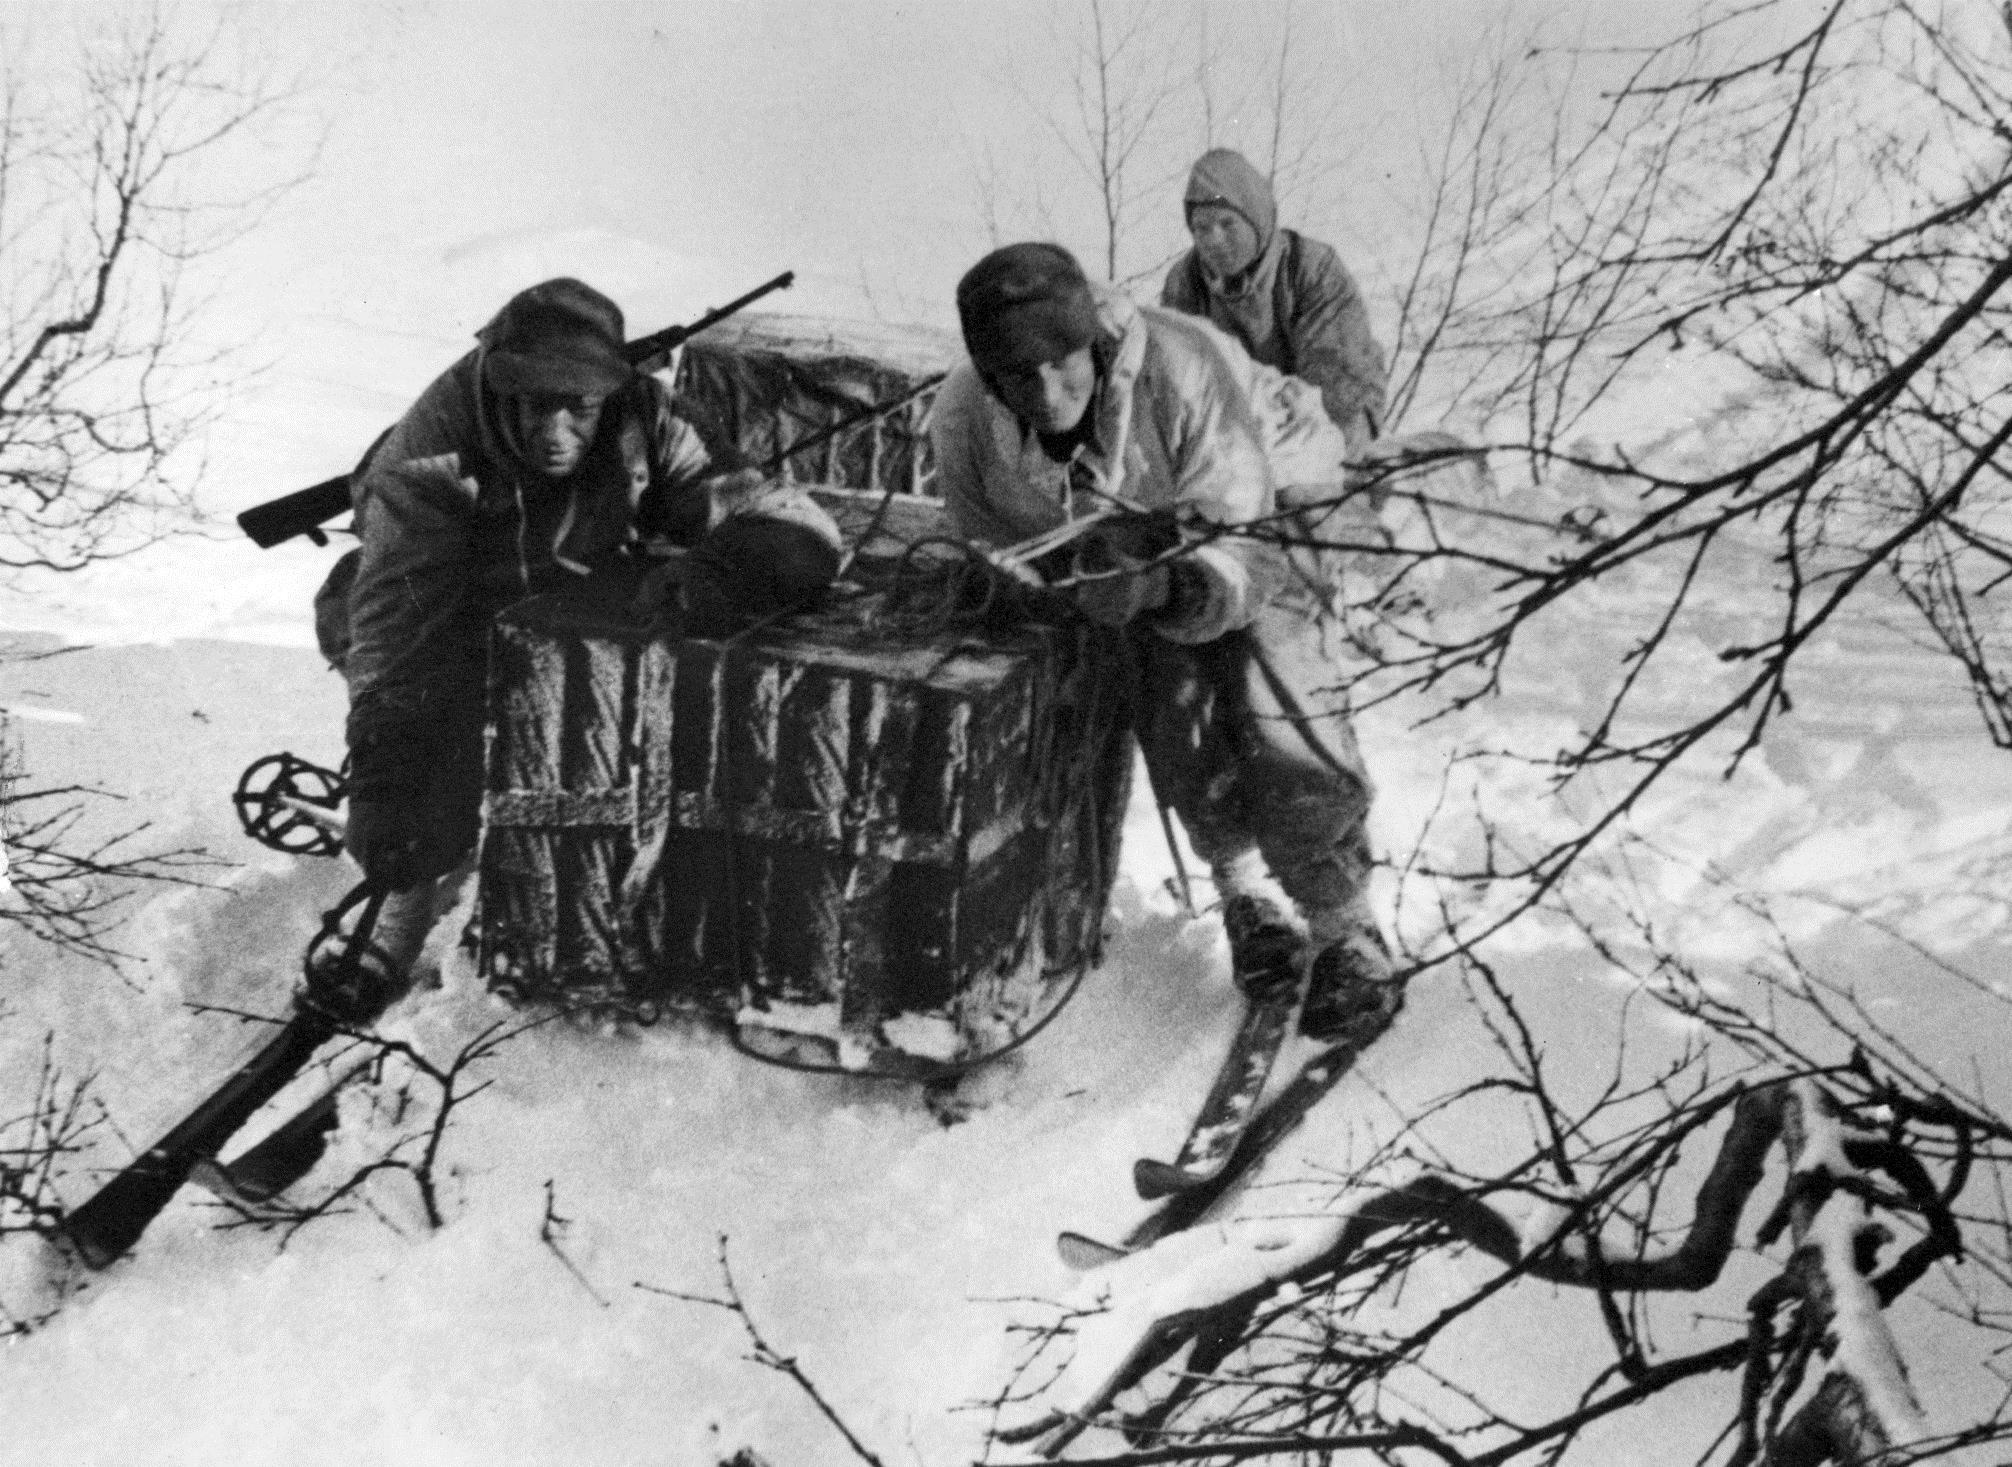 Vemork var åstedet for en av de viktigste sabotasjeaksjoner under 2. verdenskrig, da norske sabotører hindret tyskerne i å utvikle atomvåpen av tungtvannet som ble produsert her., © visitRjukan AS